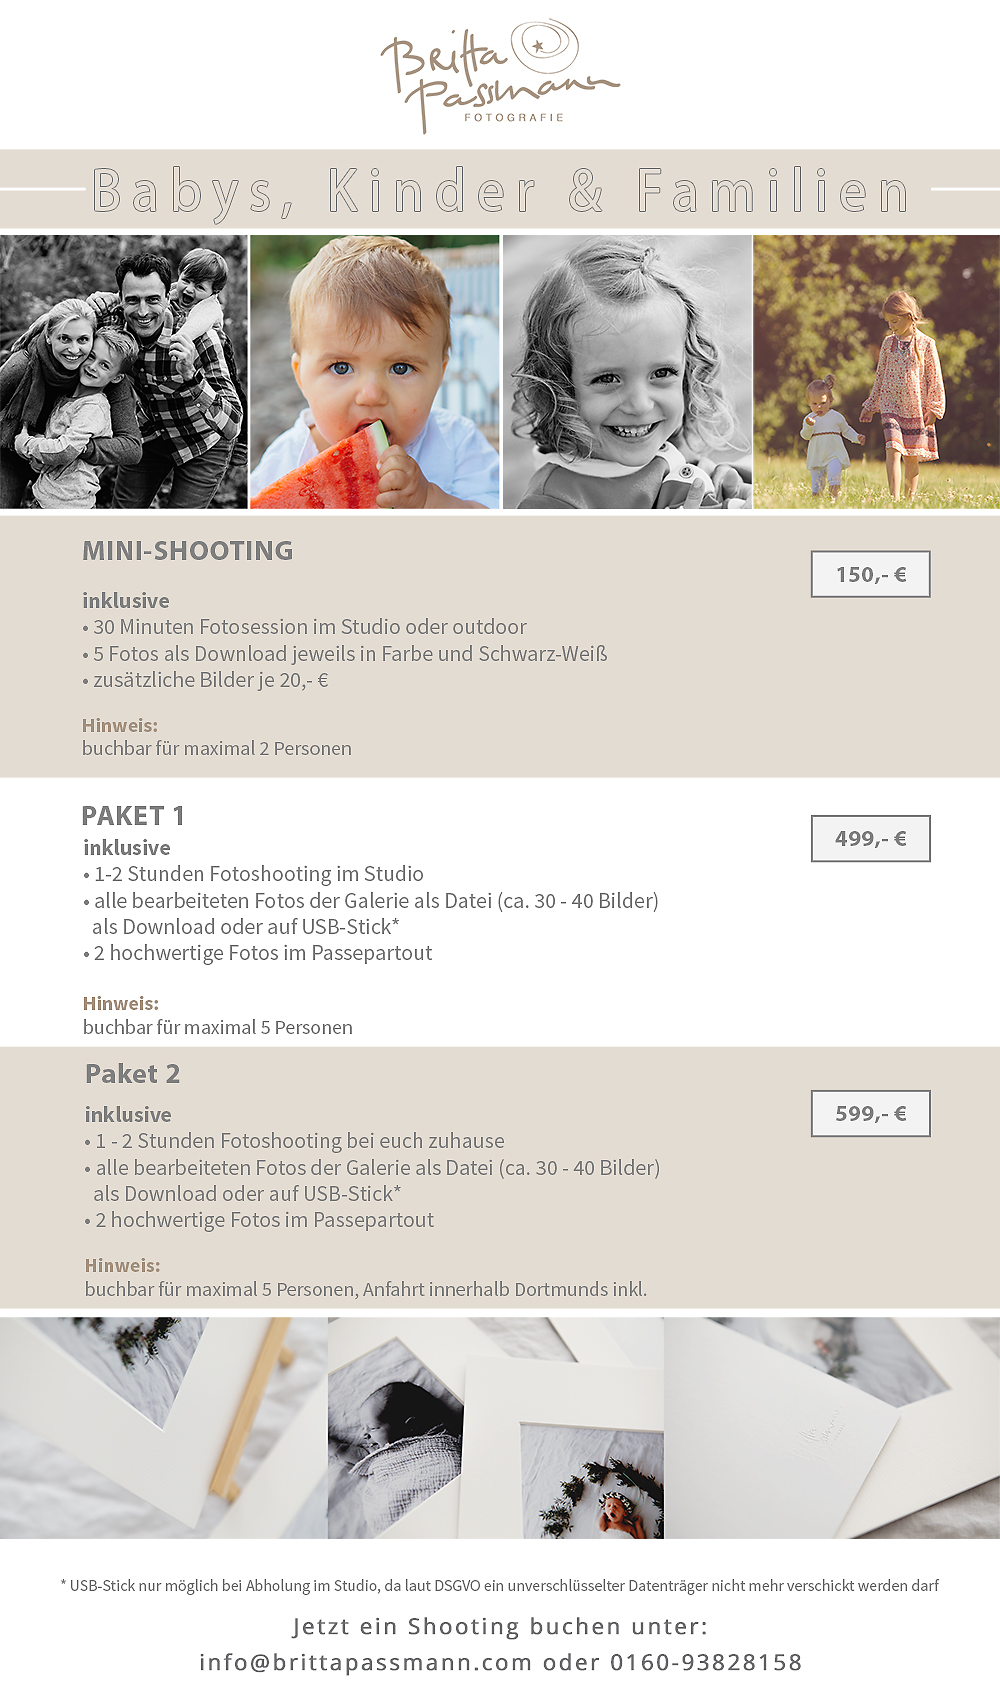 Fotoshooting-Preise-Familien-Kinder-2018-Dortmund-2